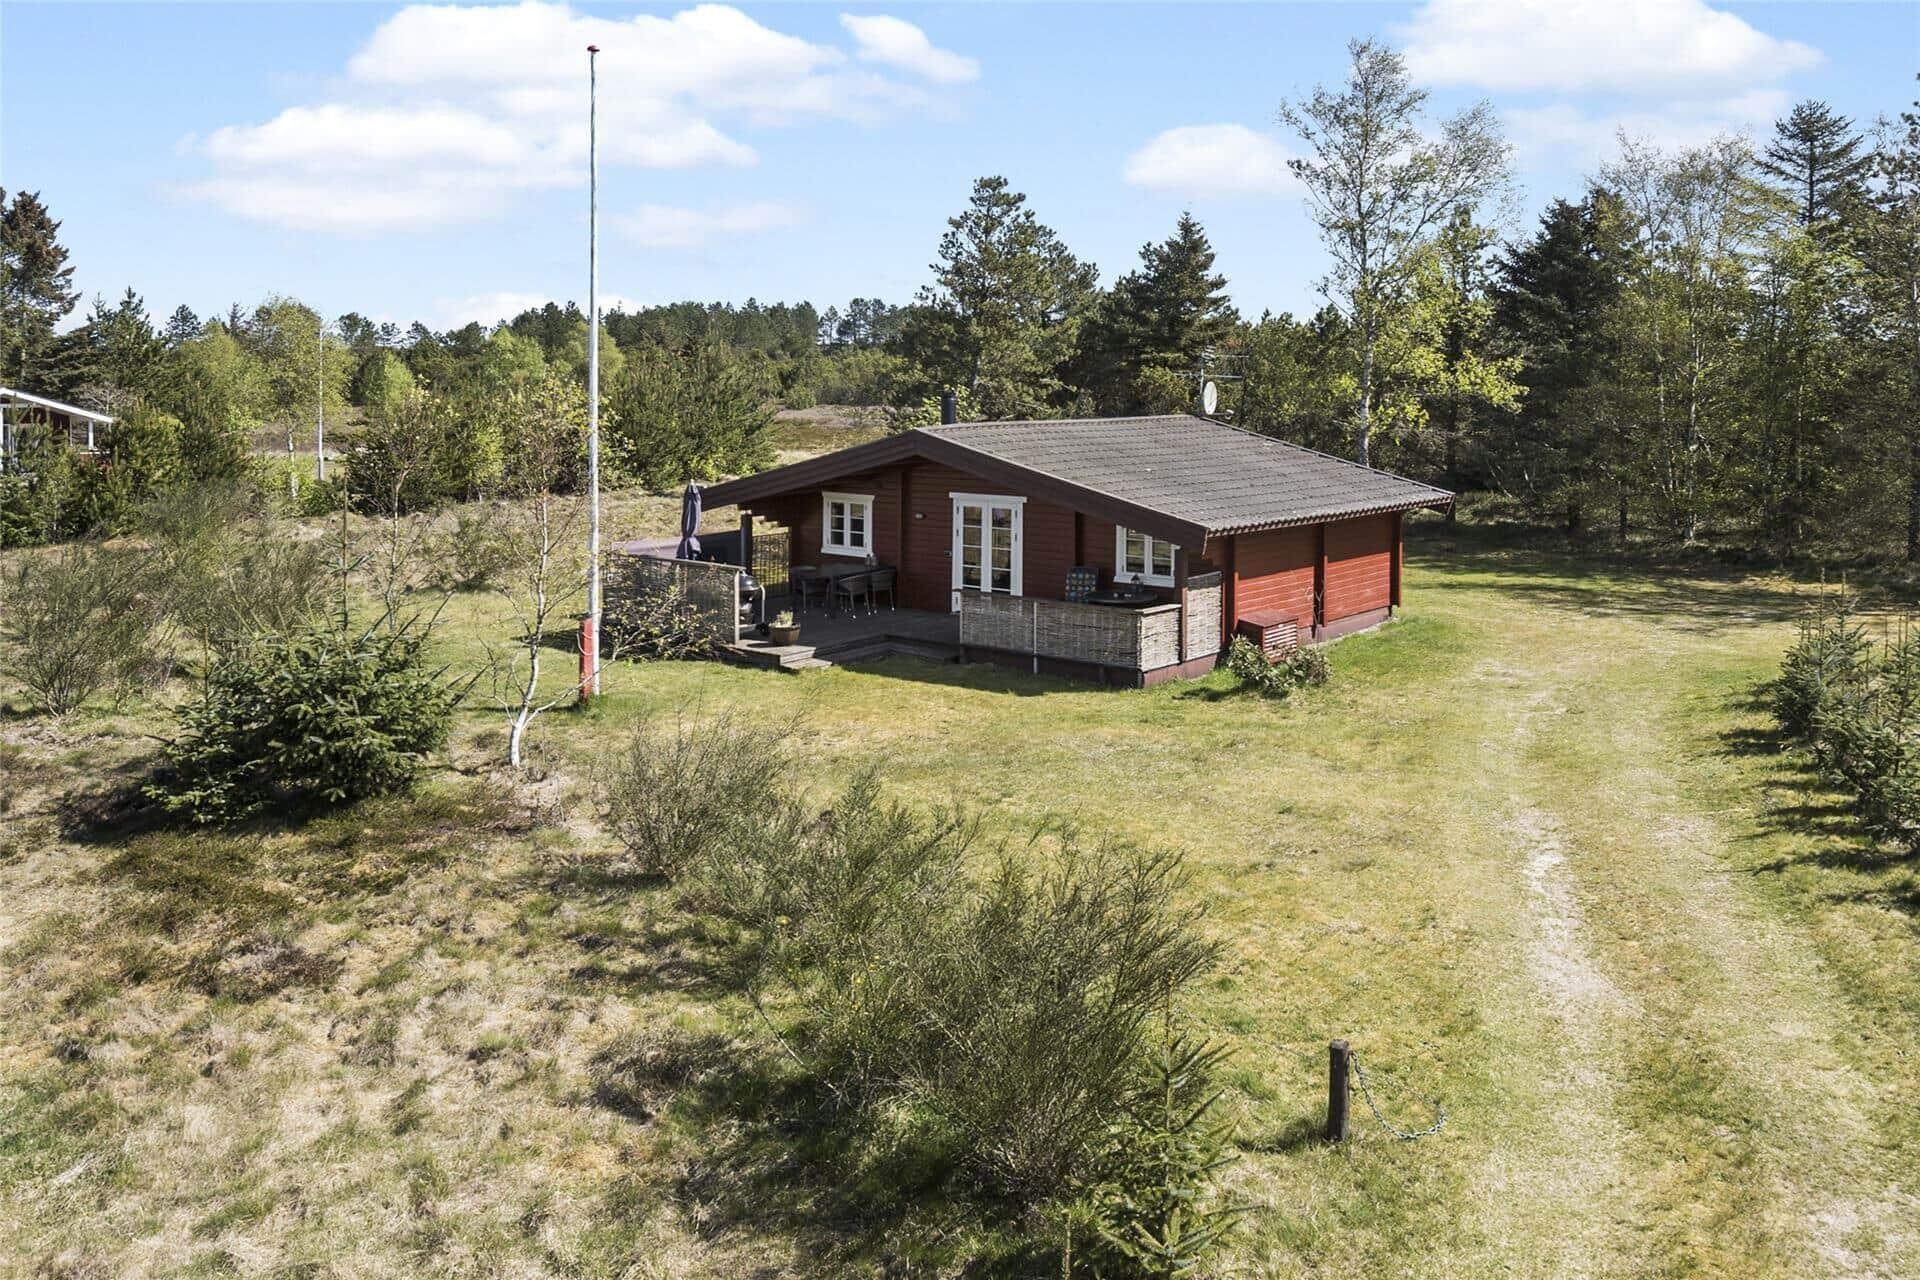 Afbeelding 1-172 Vakantiehuis JB113, Egernvej 39, DK - 9460 Brovst